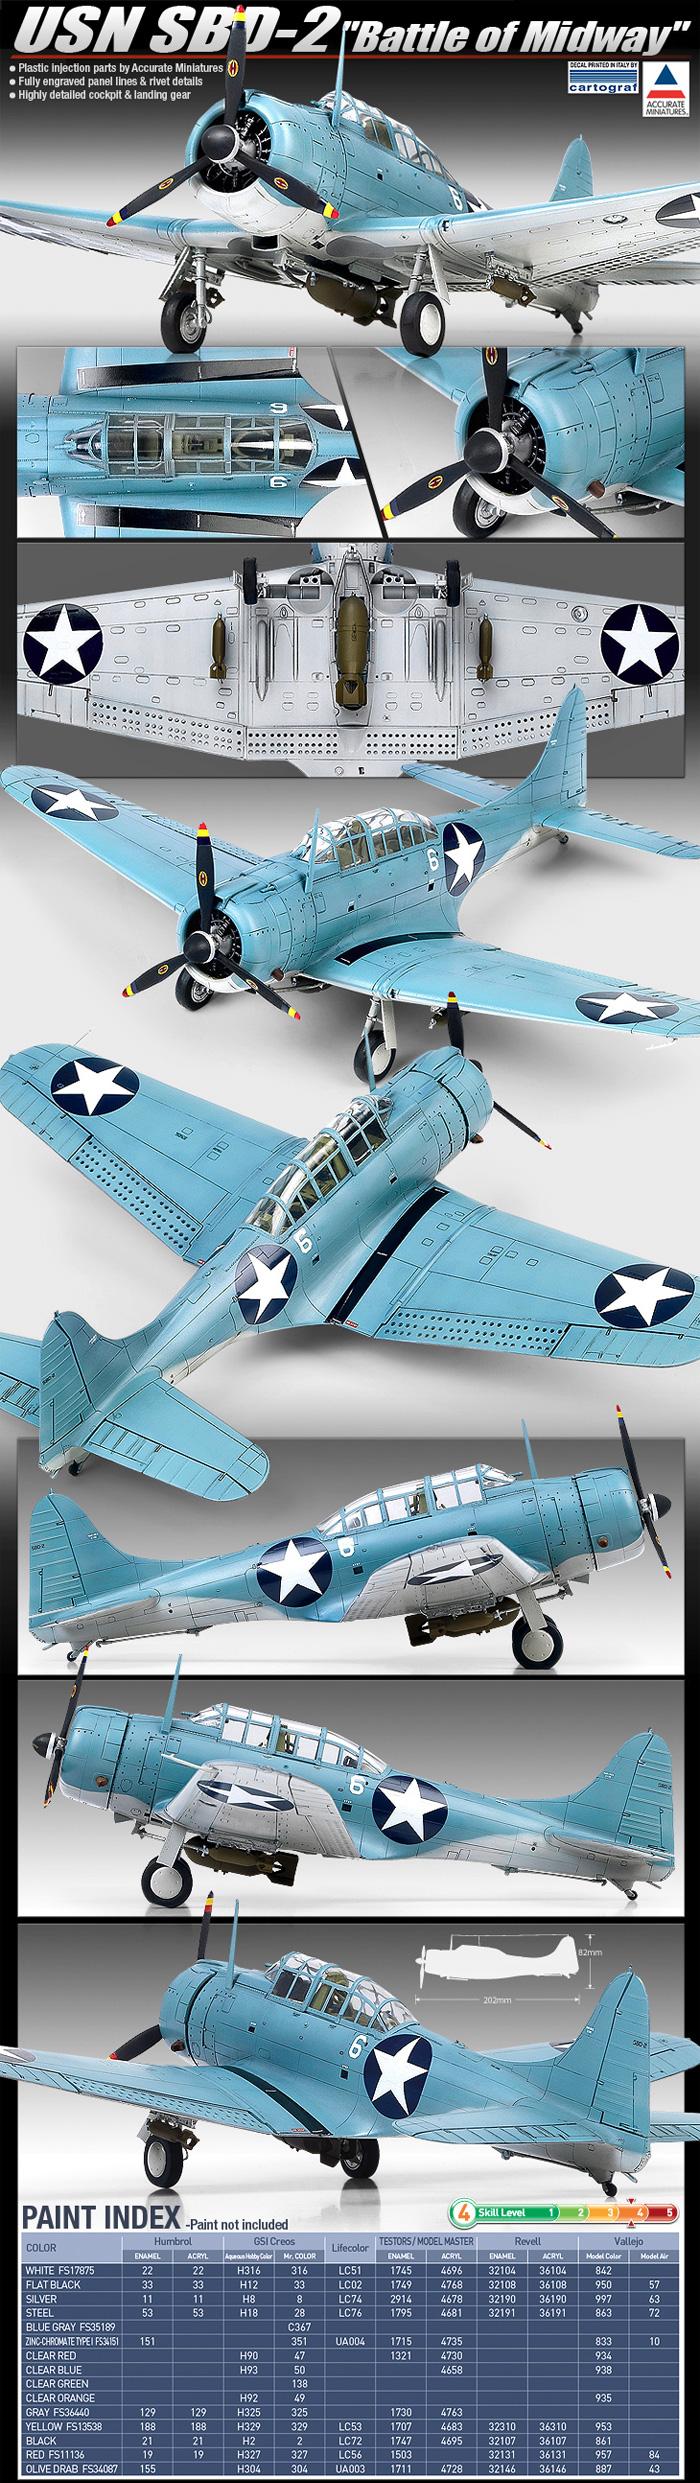 USN SBD-2 ドーントレス ミッドウェープラモデル(アカデミー1/48 AircraftsNo.12335)商品画像_2